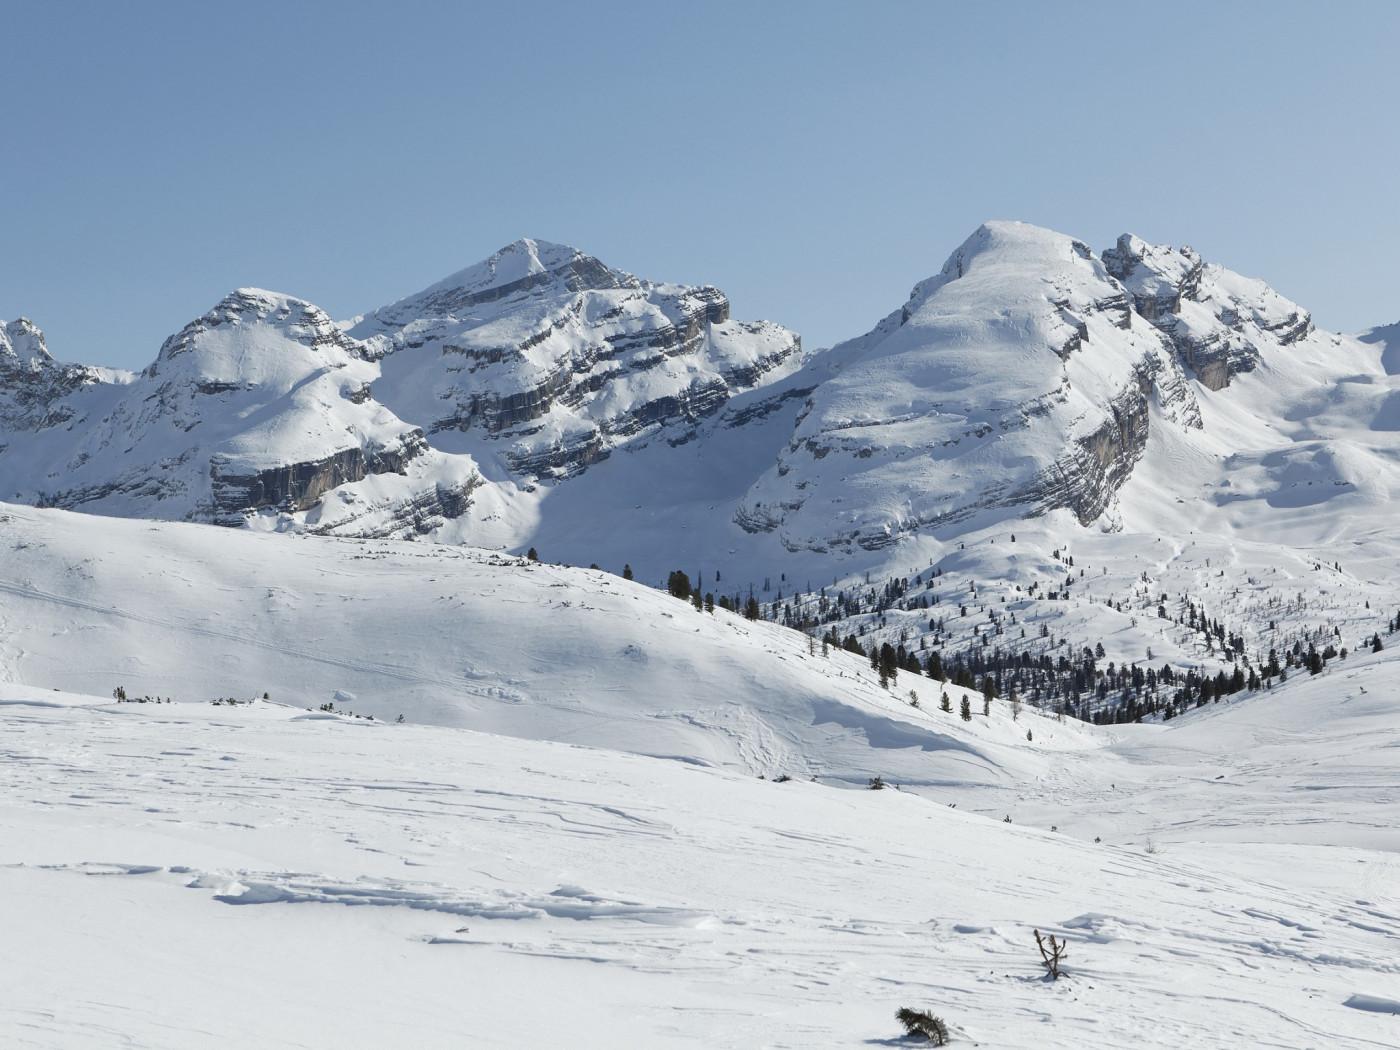 Il parco naturale rifugio alpino lavarella 2042 m san for Planimetrie di 1400 piedi quadrati